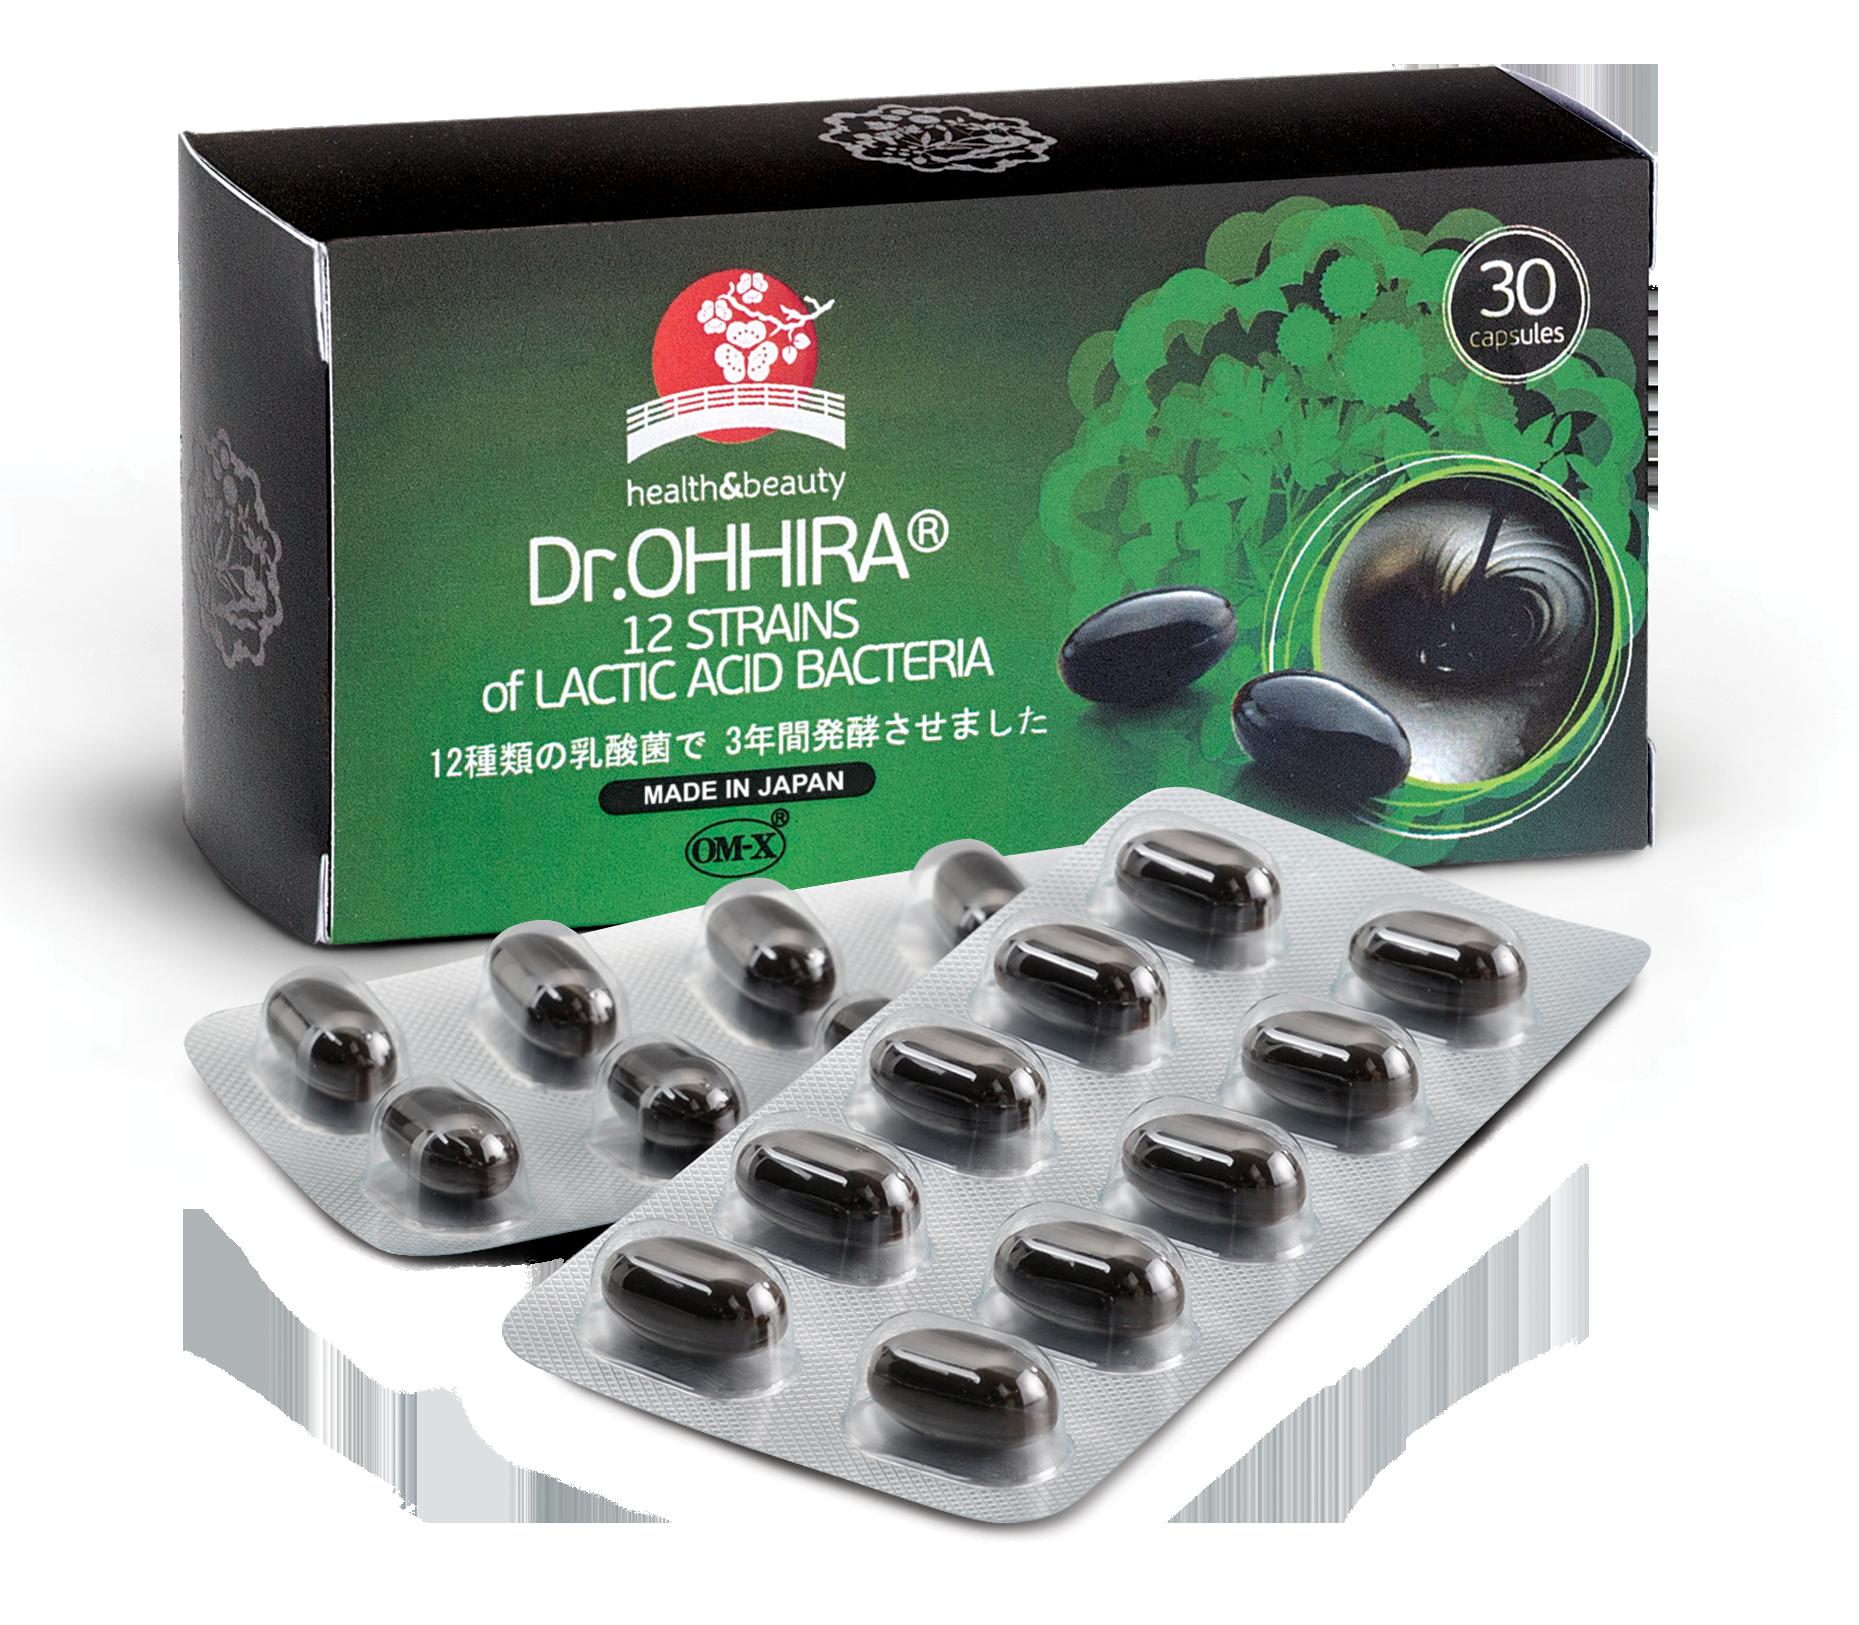 Dr.OHHIRA® 12 rūšių pieno rūgšties bakterijų kompleksas